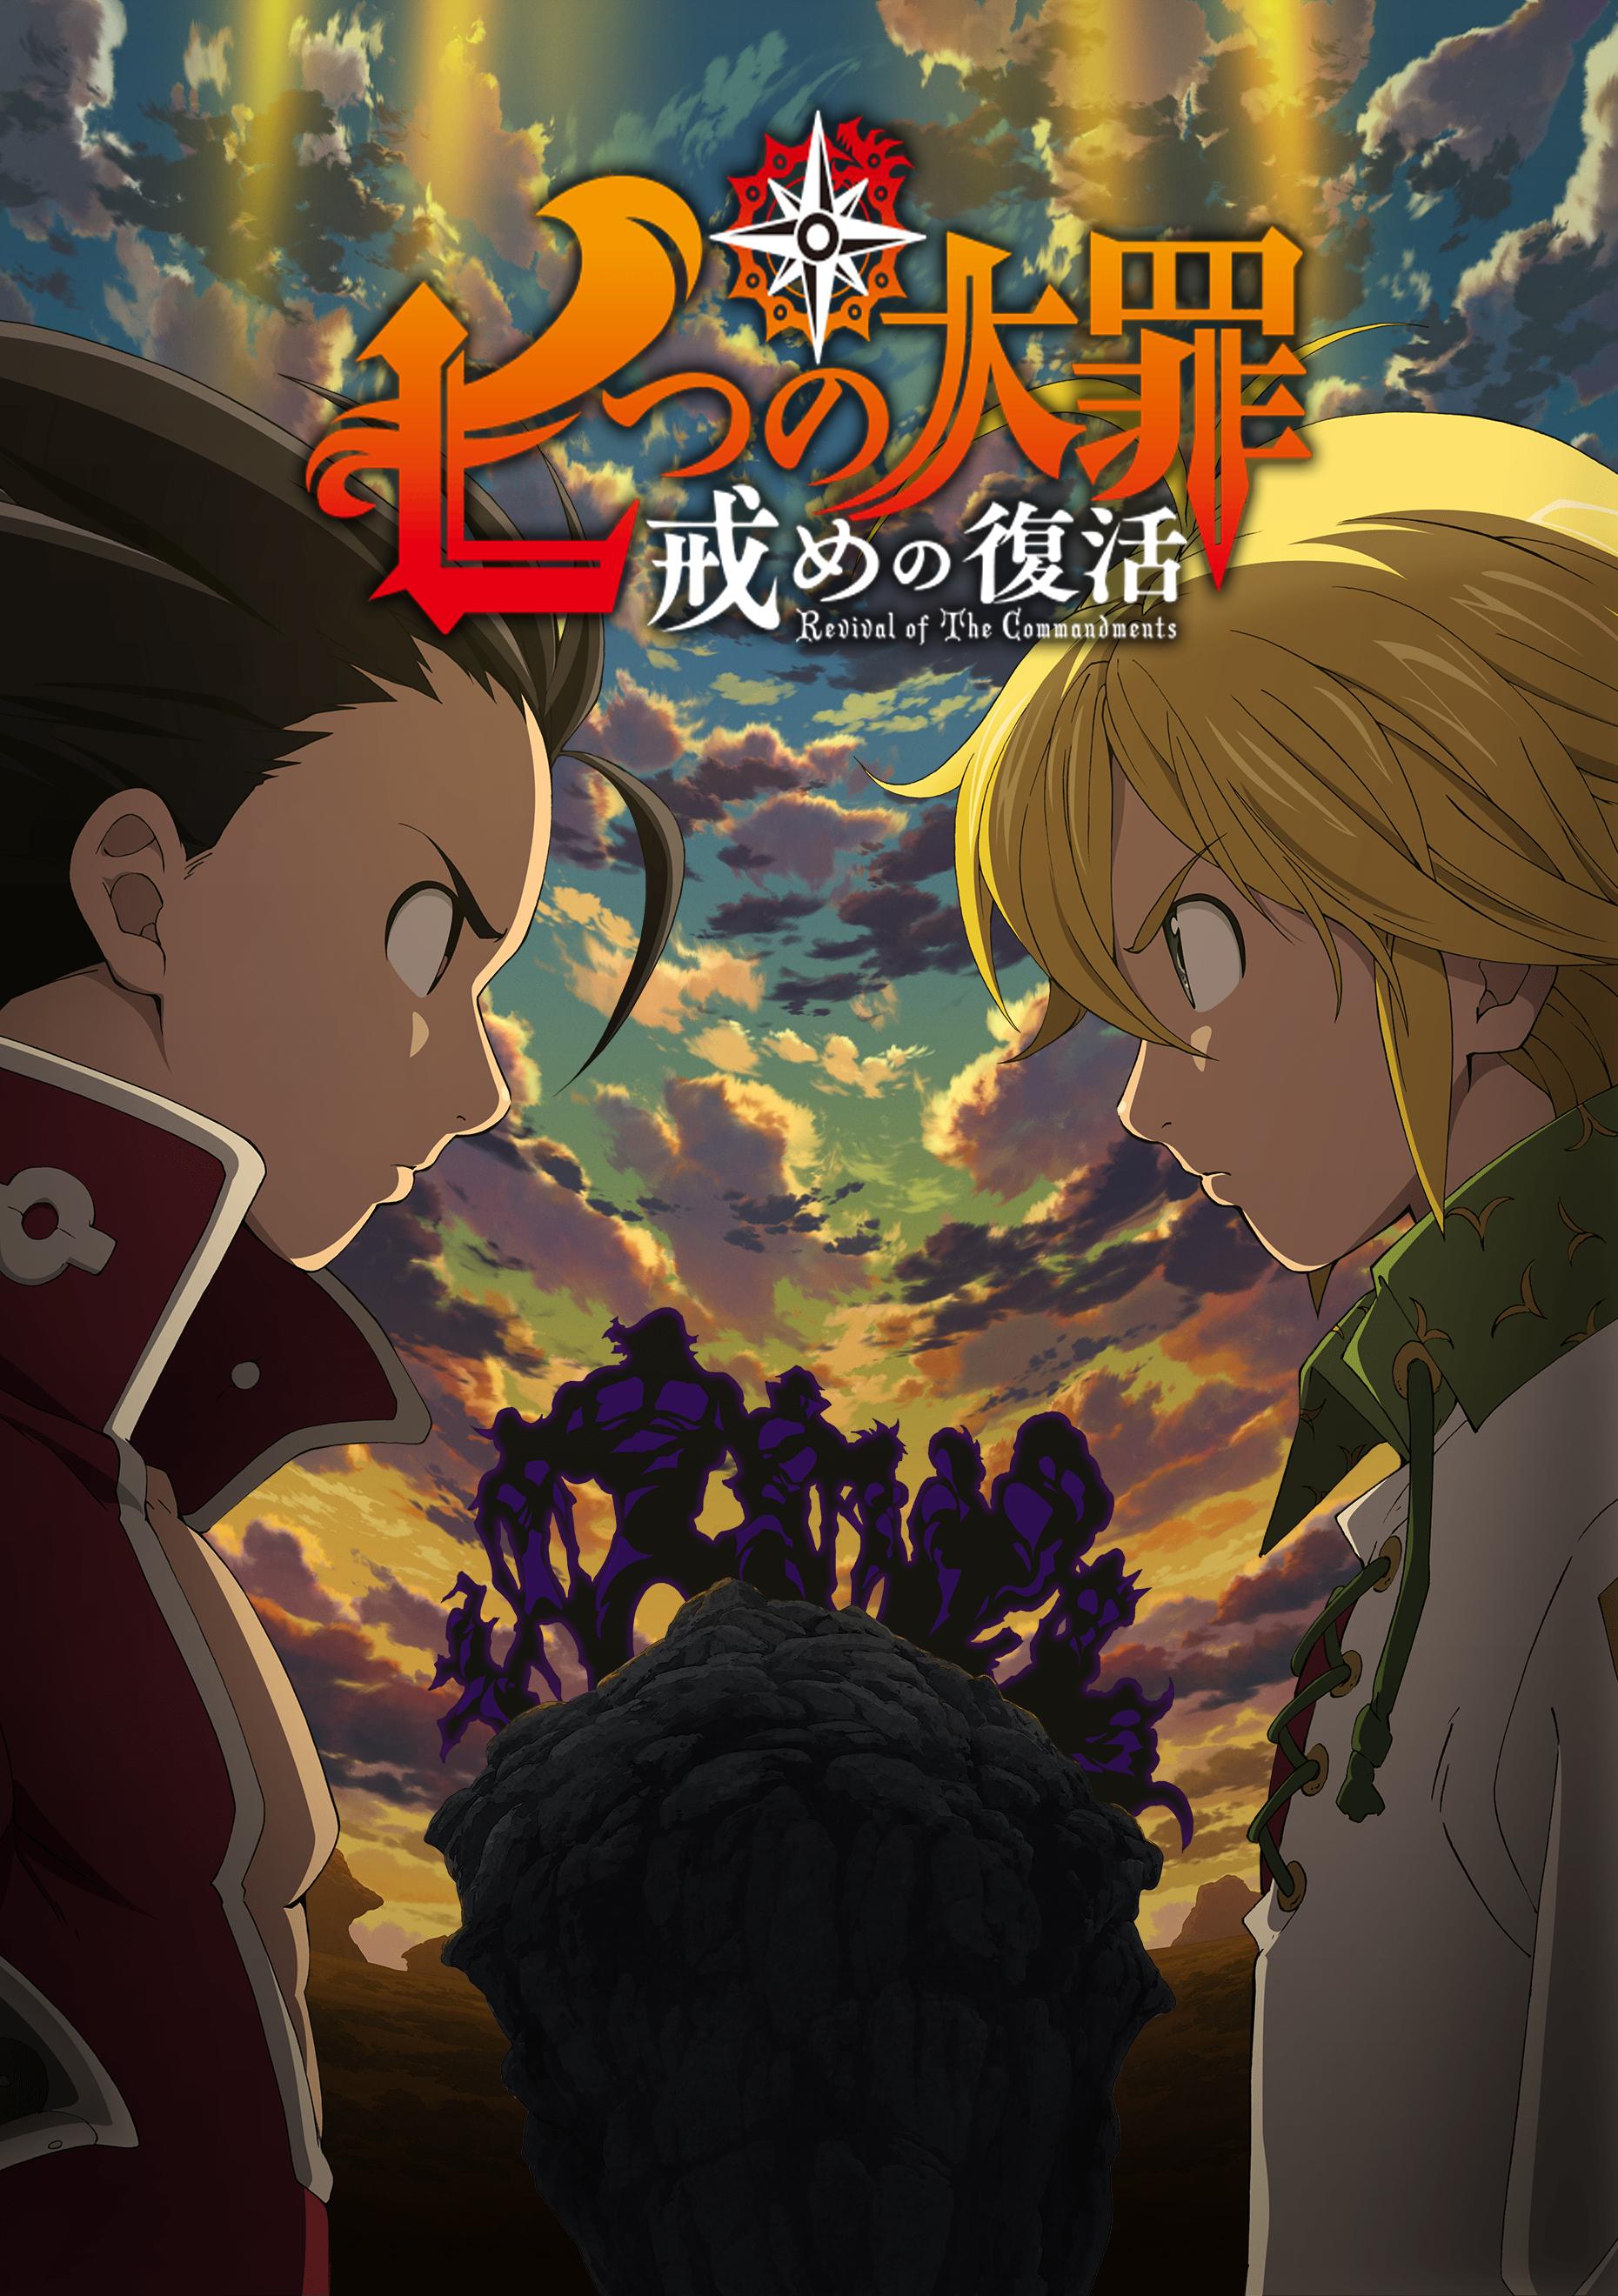 dkYqwQXDwjnma - [Aporte] Nanatsu no Taizai: Imashime no Fukkatsu [24/24][85MB][H.265][Concluido] - Anime Ligero [Descargas]